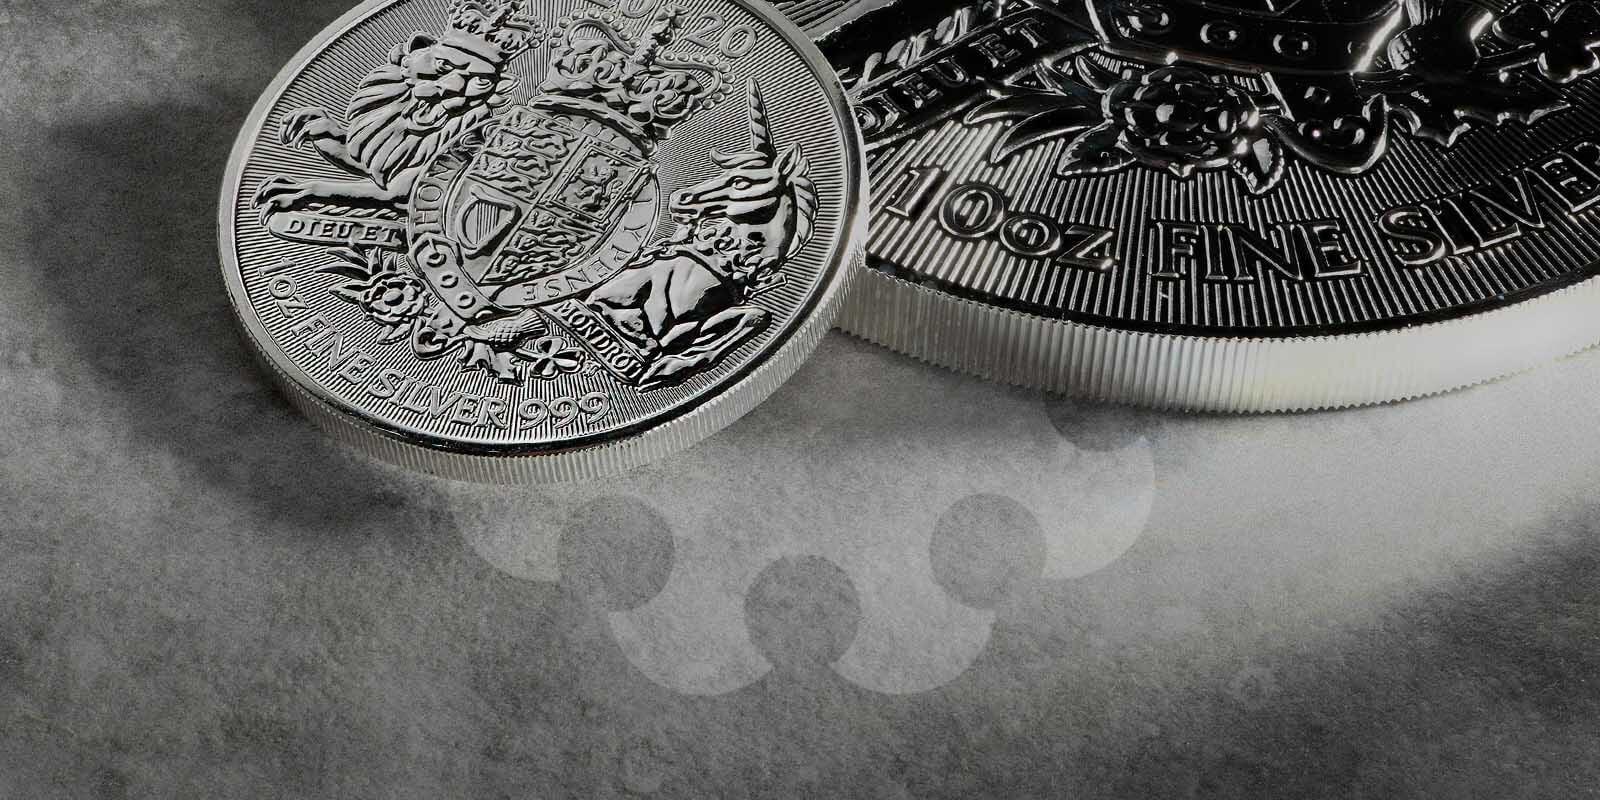 Buy Silver Bullion   Buy Silver Bars & Coins   Royal Mint Bullion